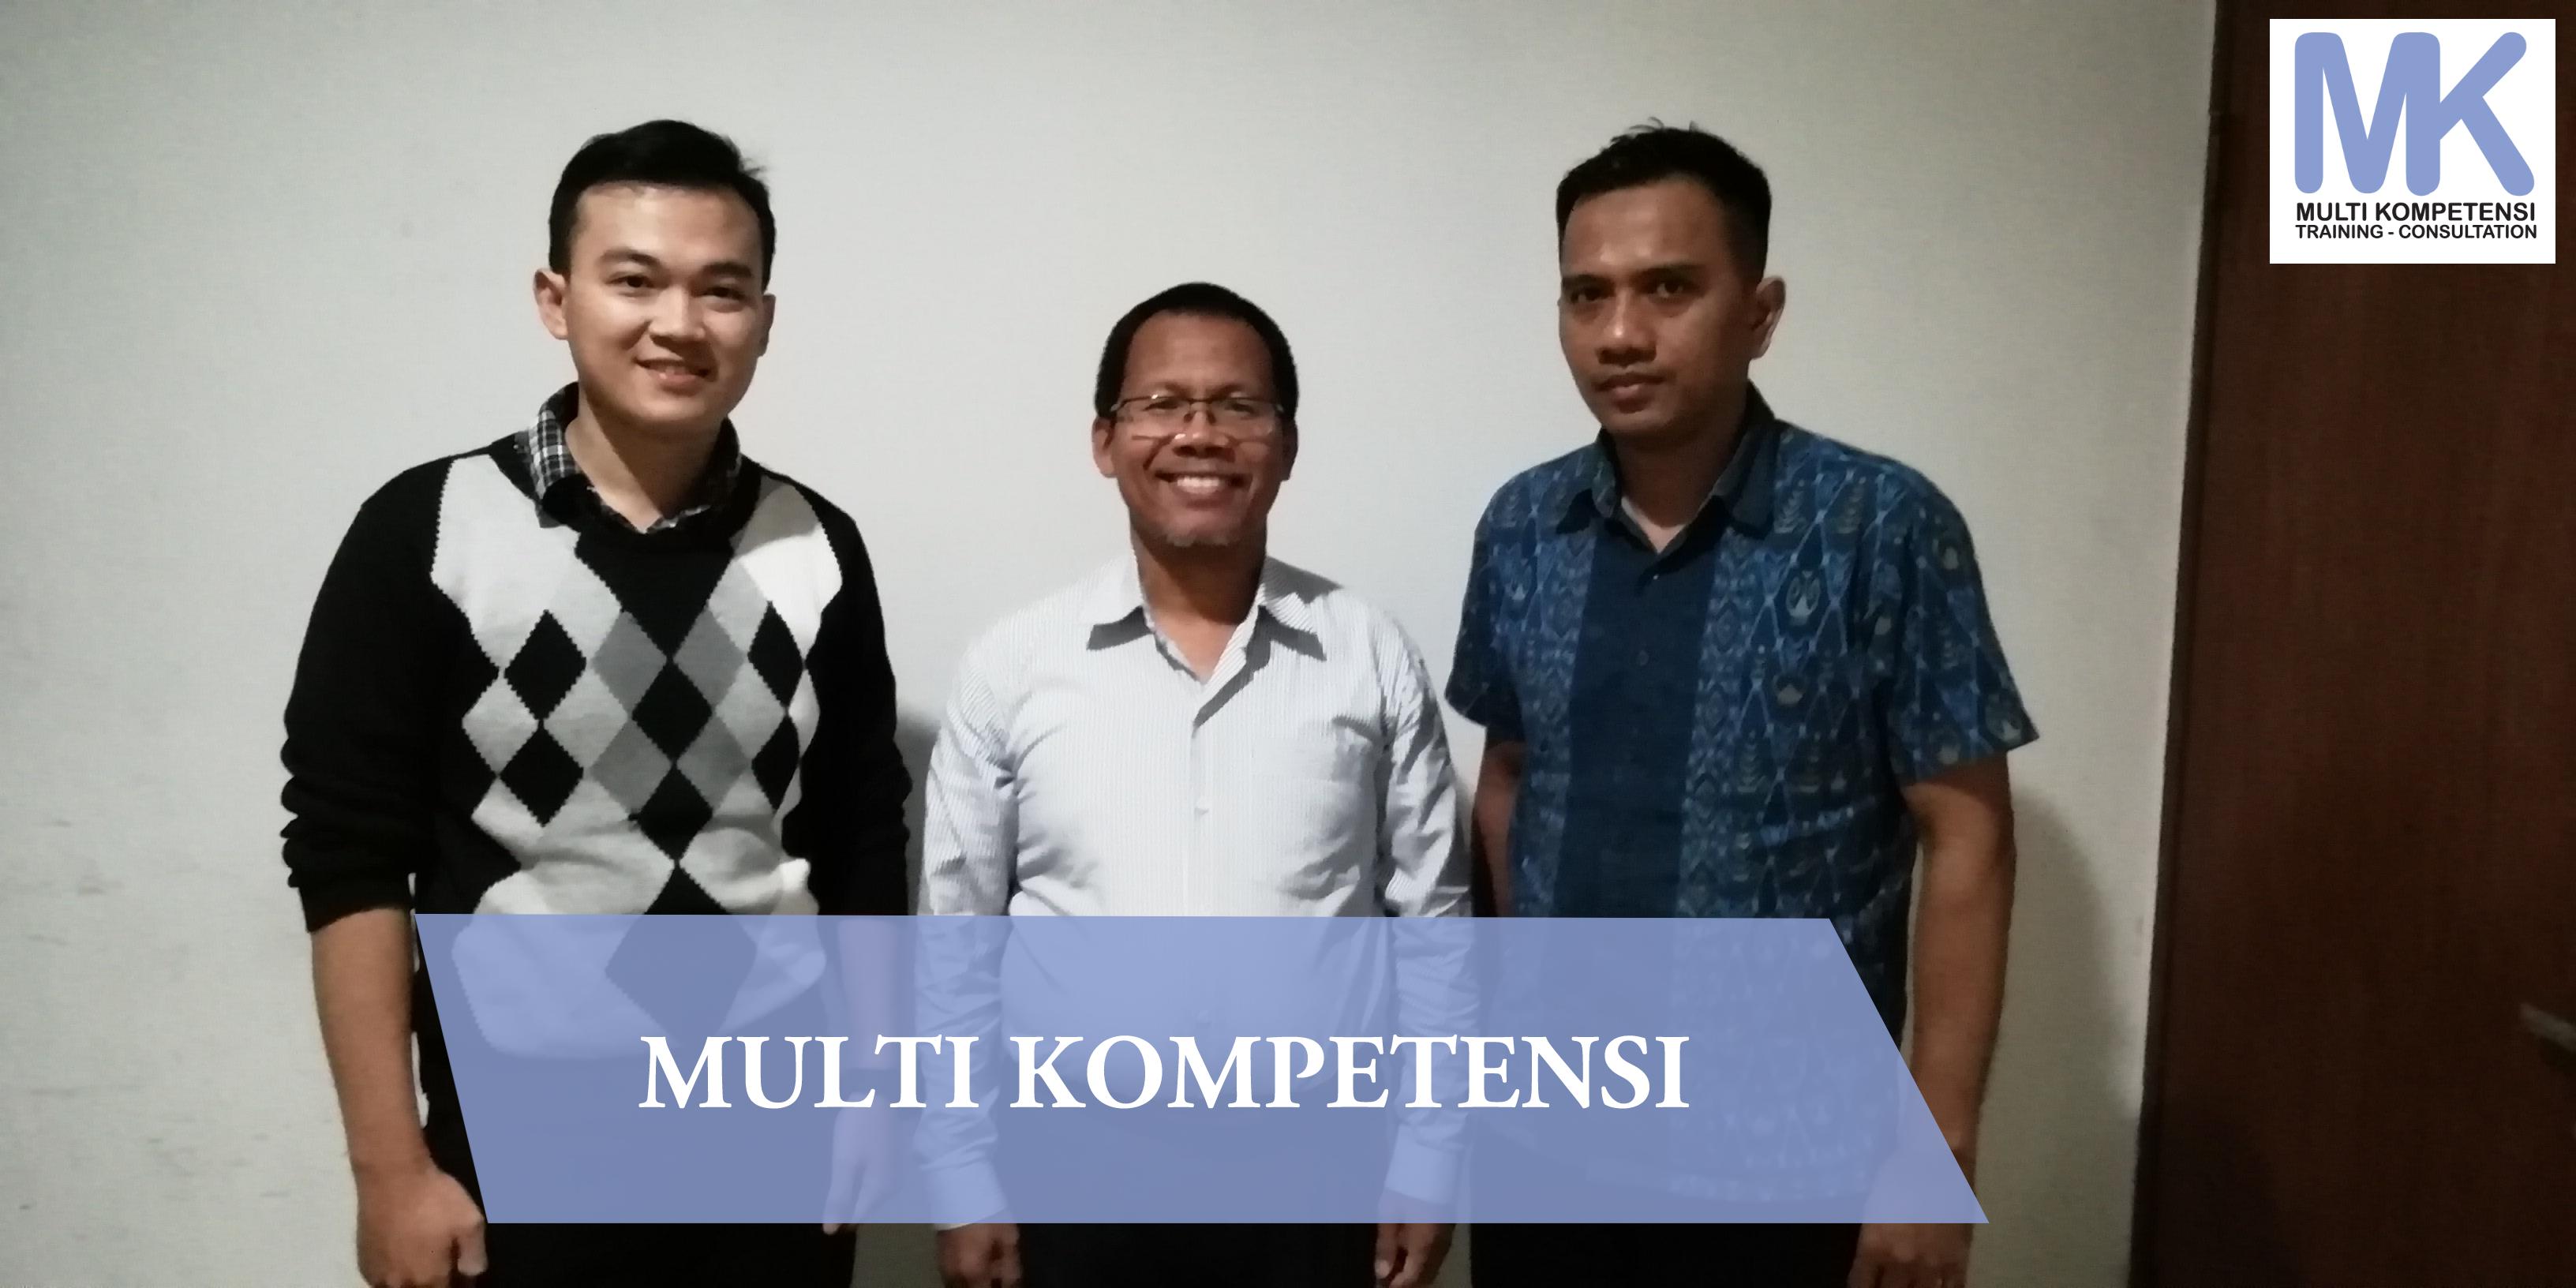 IMG_20190221_1721261  Pengalaman Training & Konsultasi Multi Kompetensi IMG 20190221 1721261